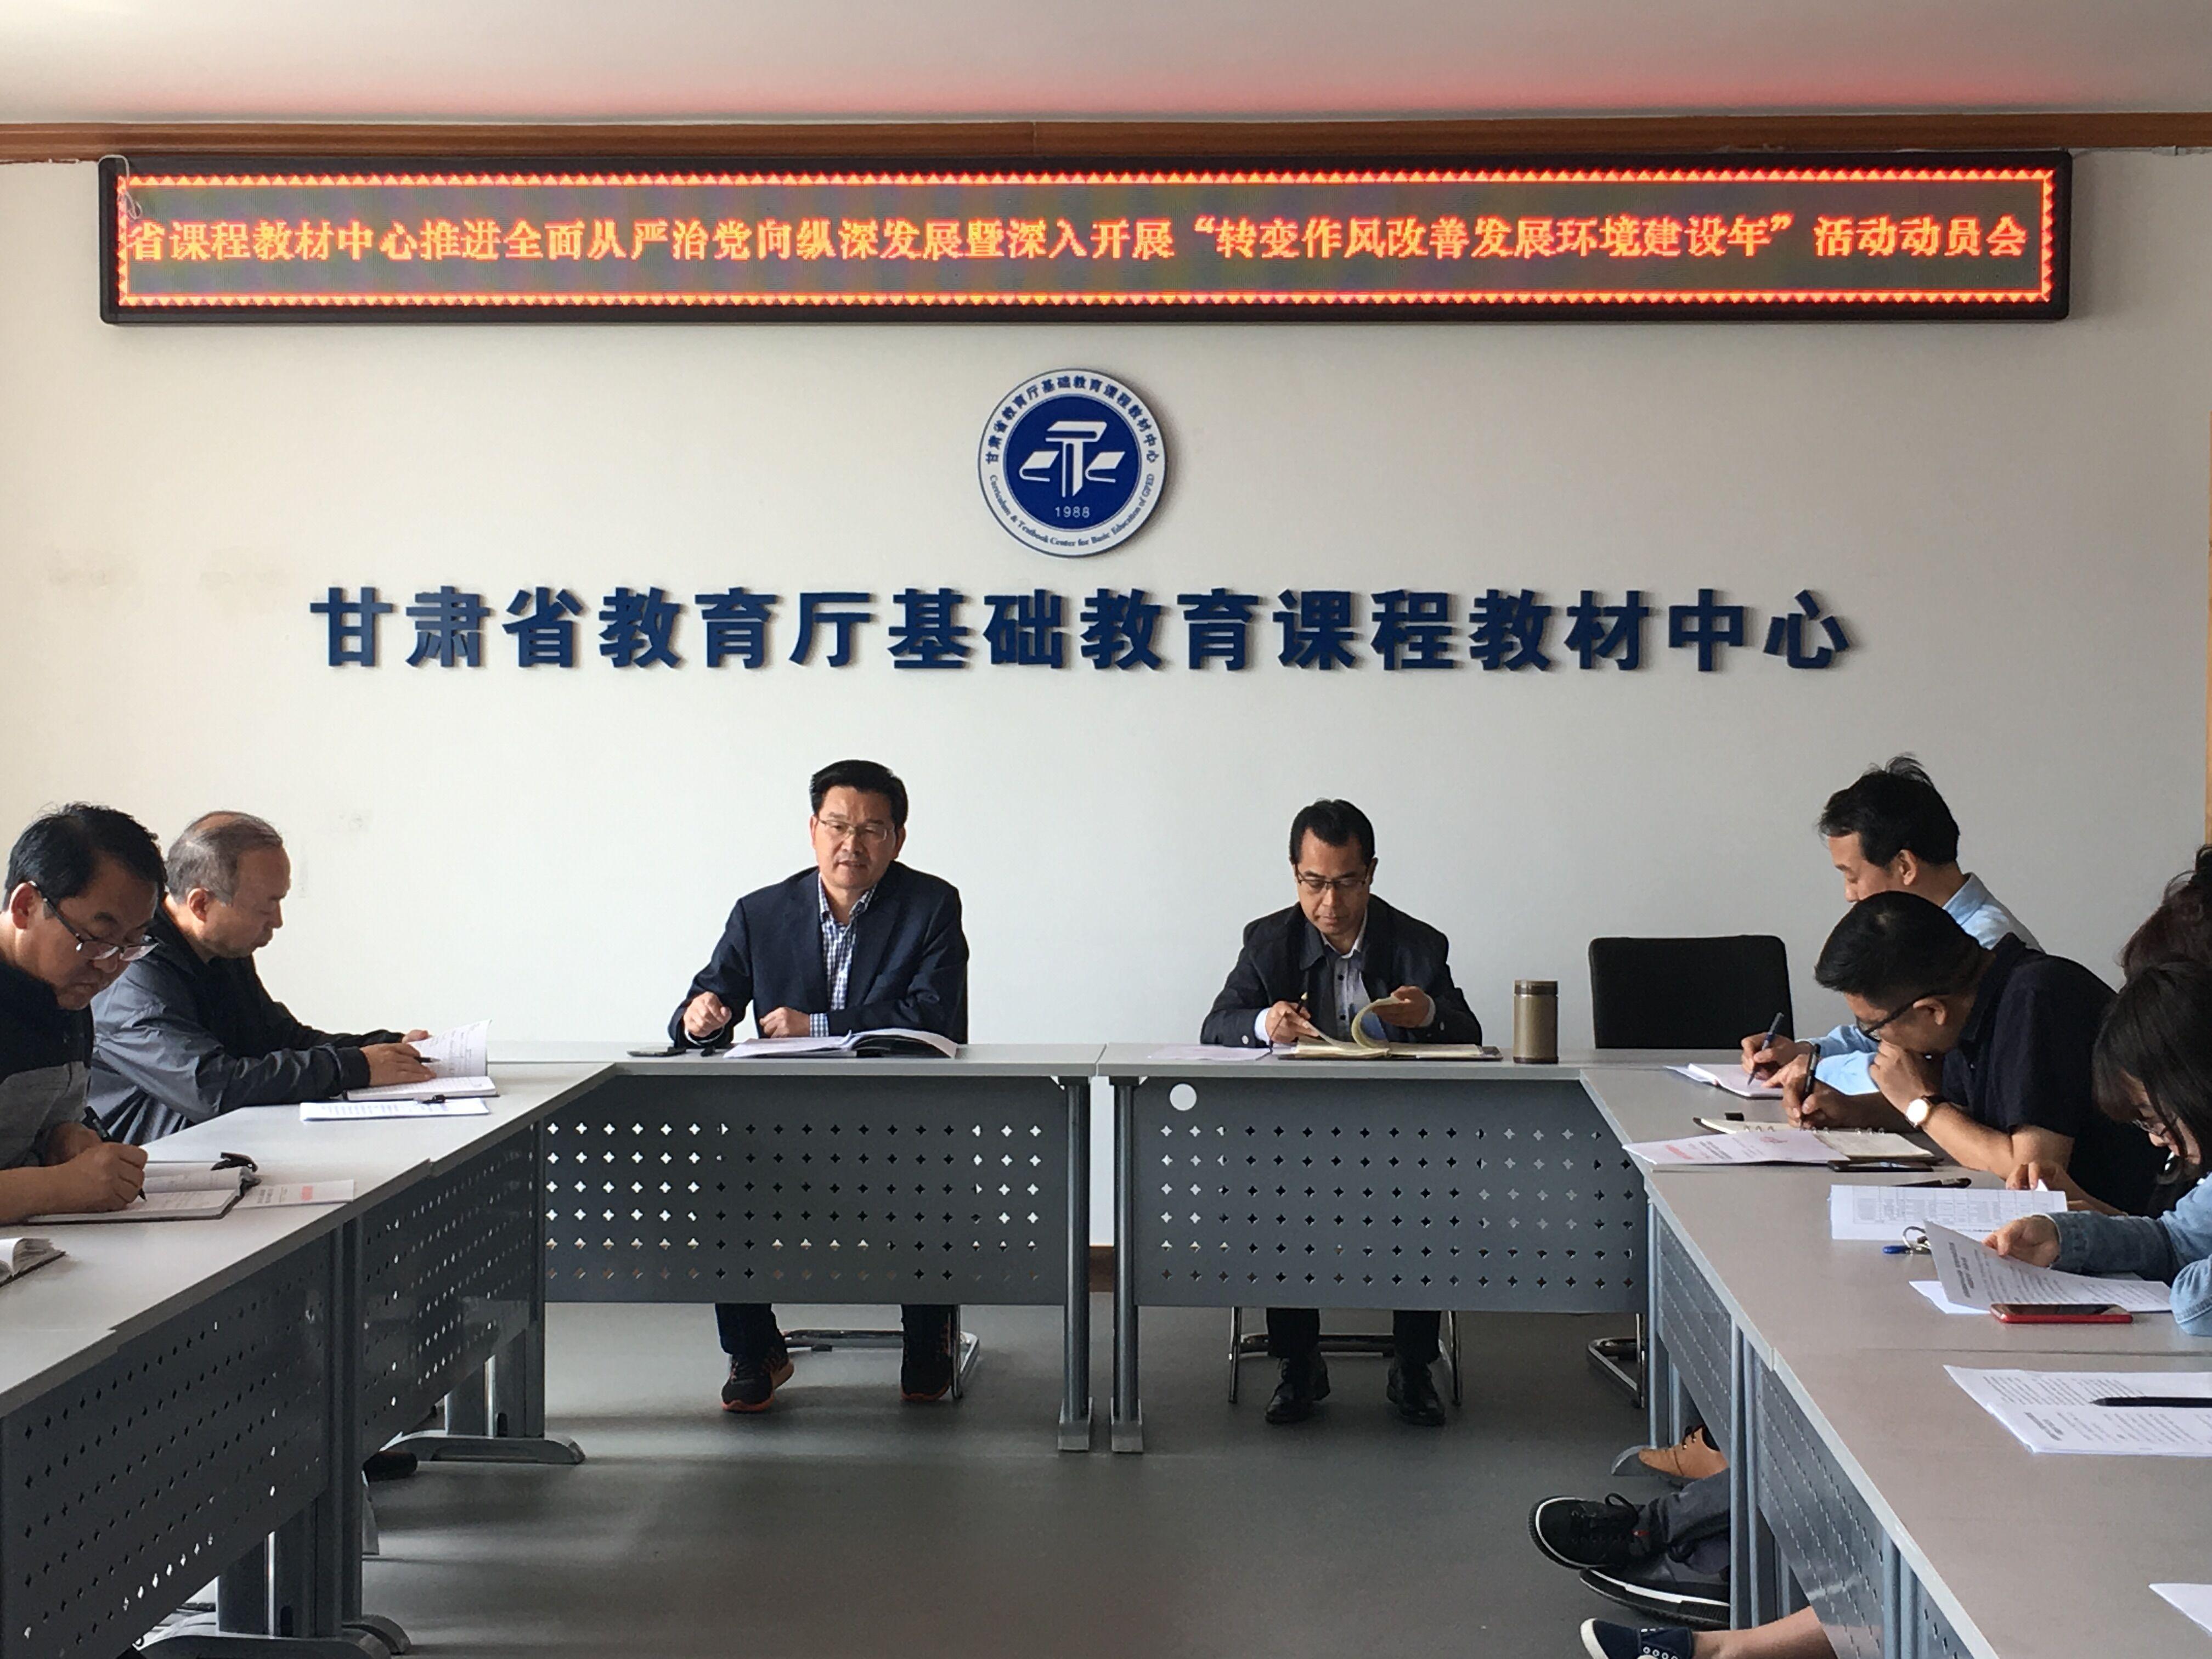 """省课程教材中心召开""""转变作风改善发展环境建设年"""" 活动动员大会"""